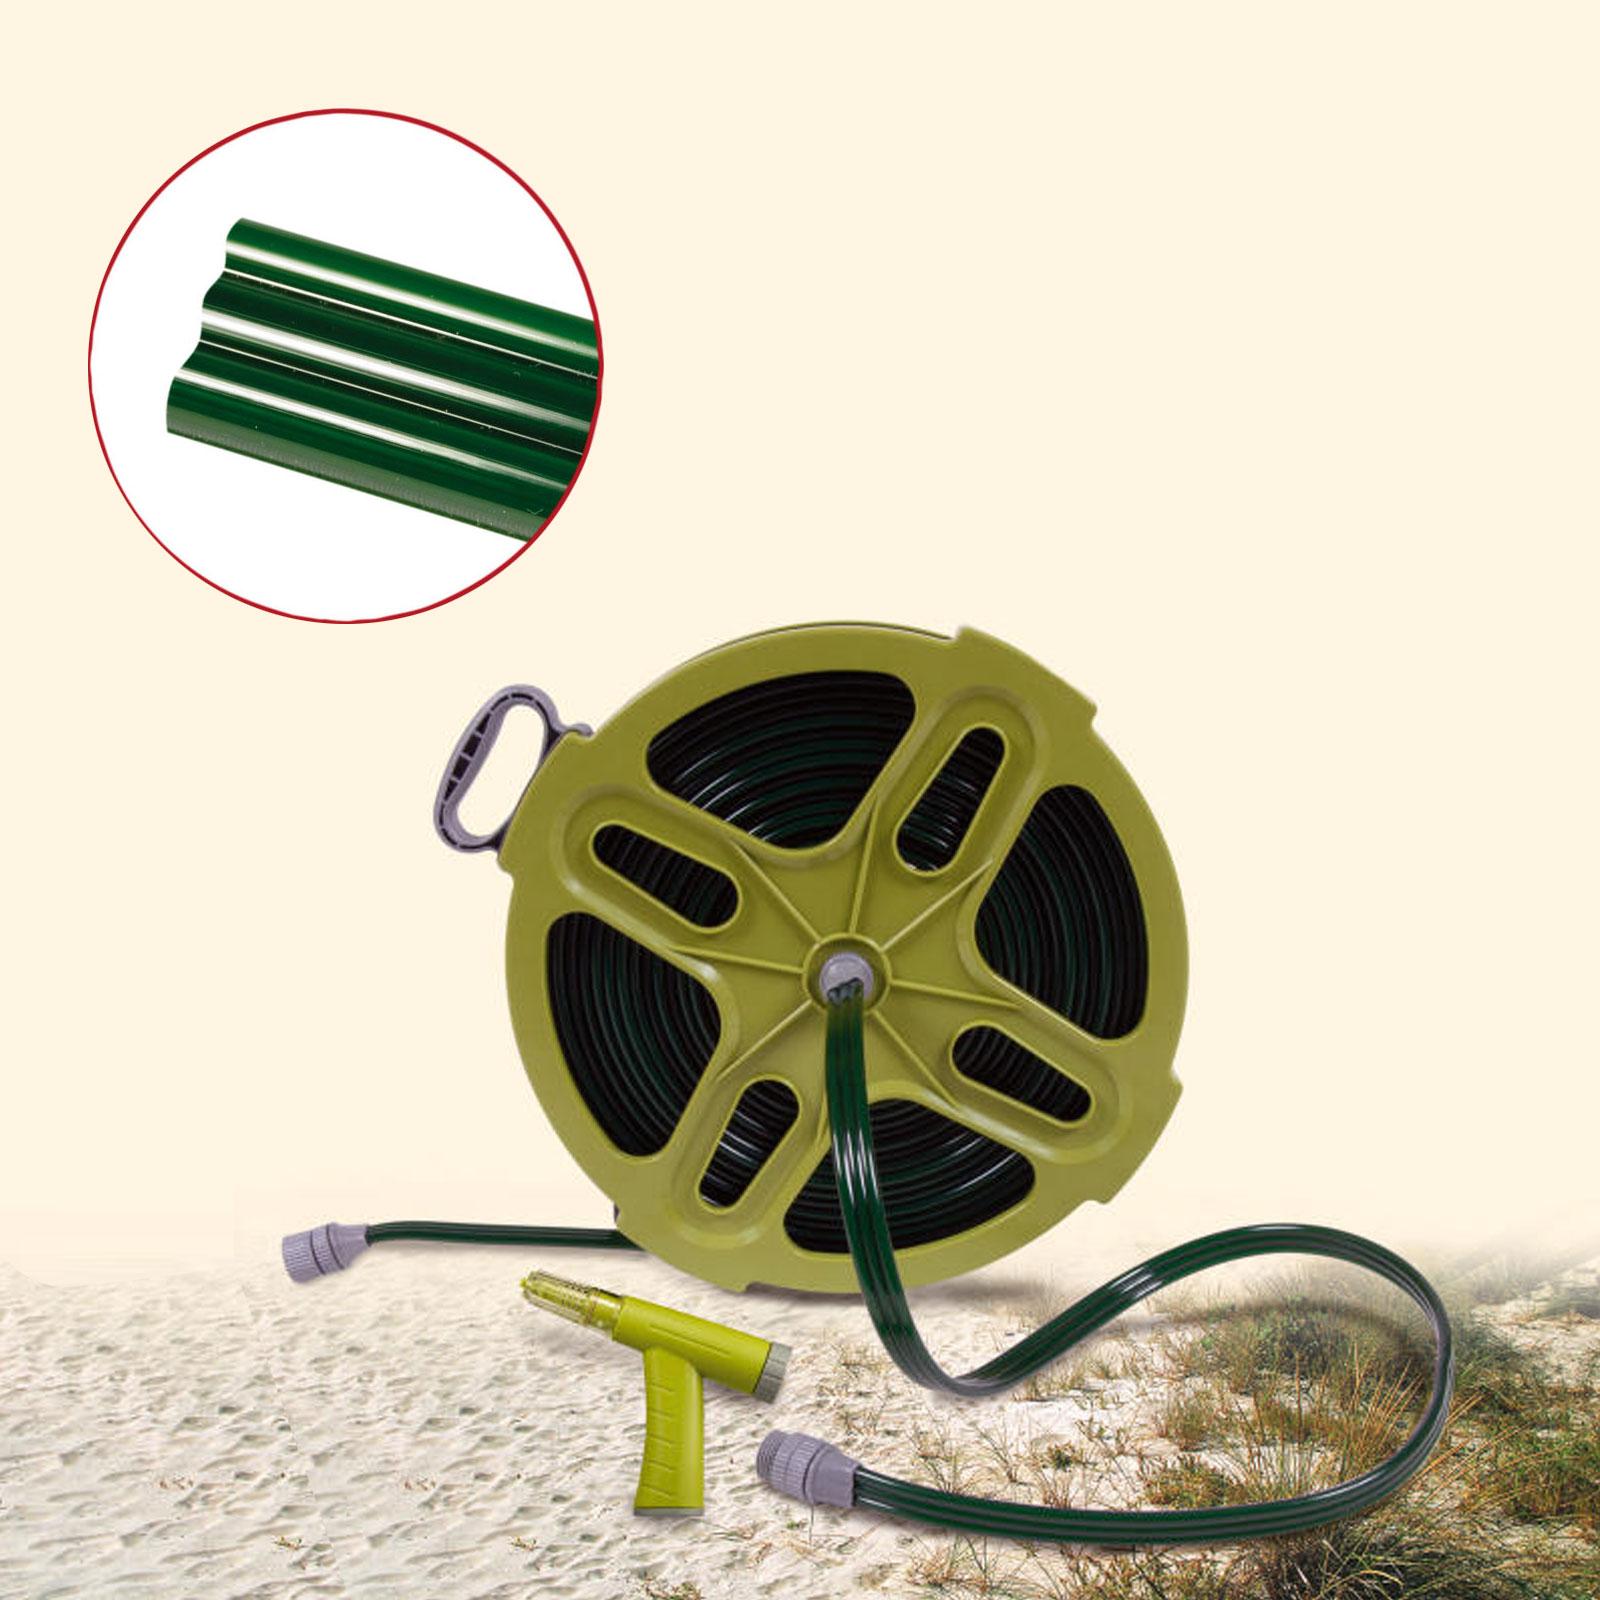 Wasserschlauchtrommel Robby 15 Meter 3 4 Zoll Inkl Handbrause